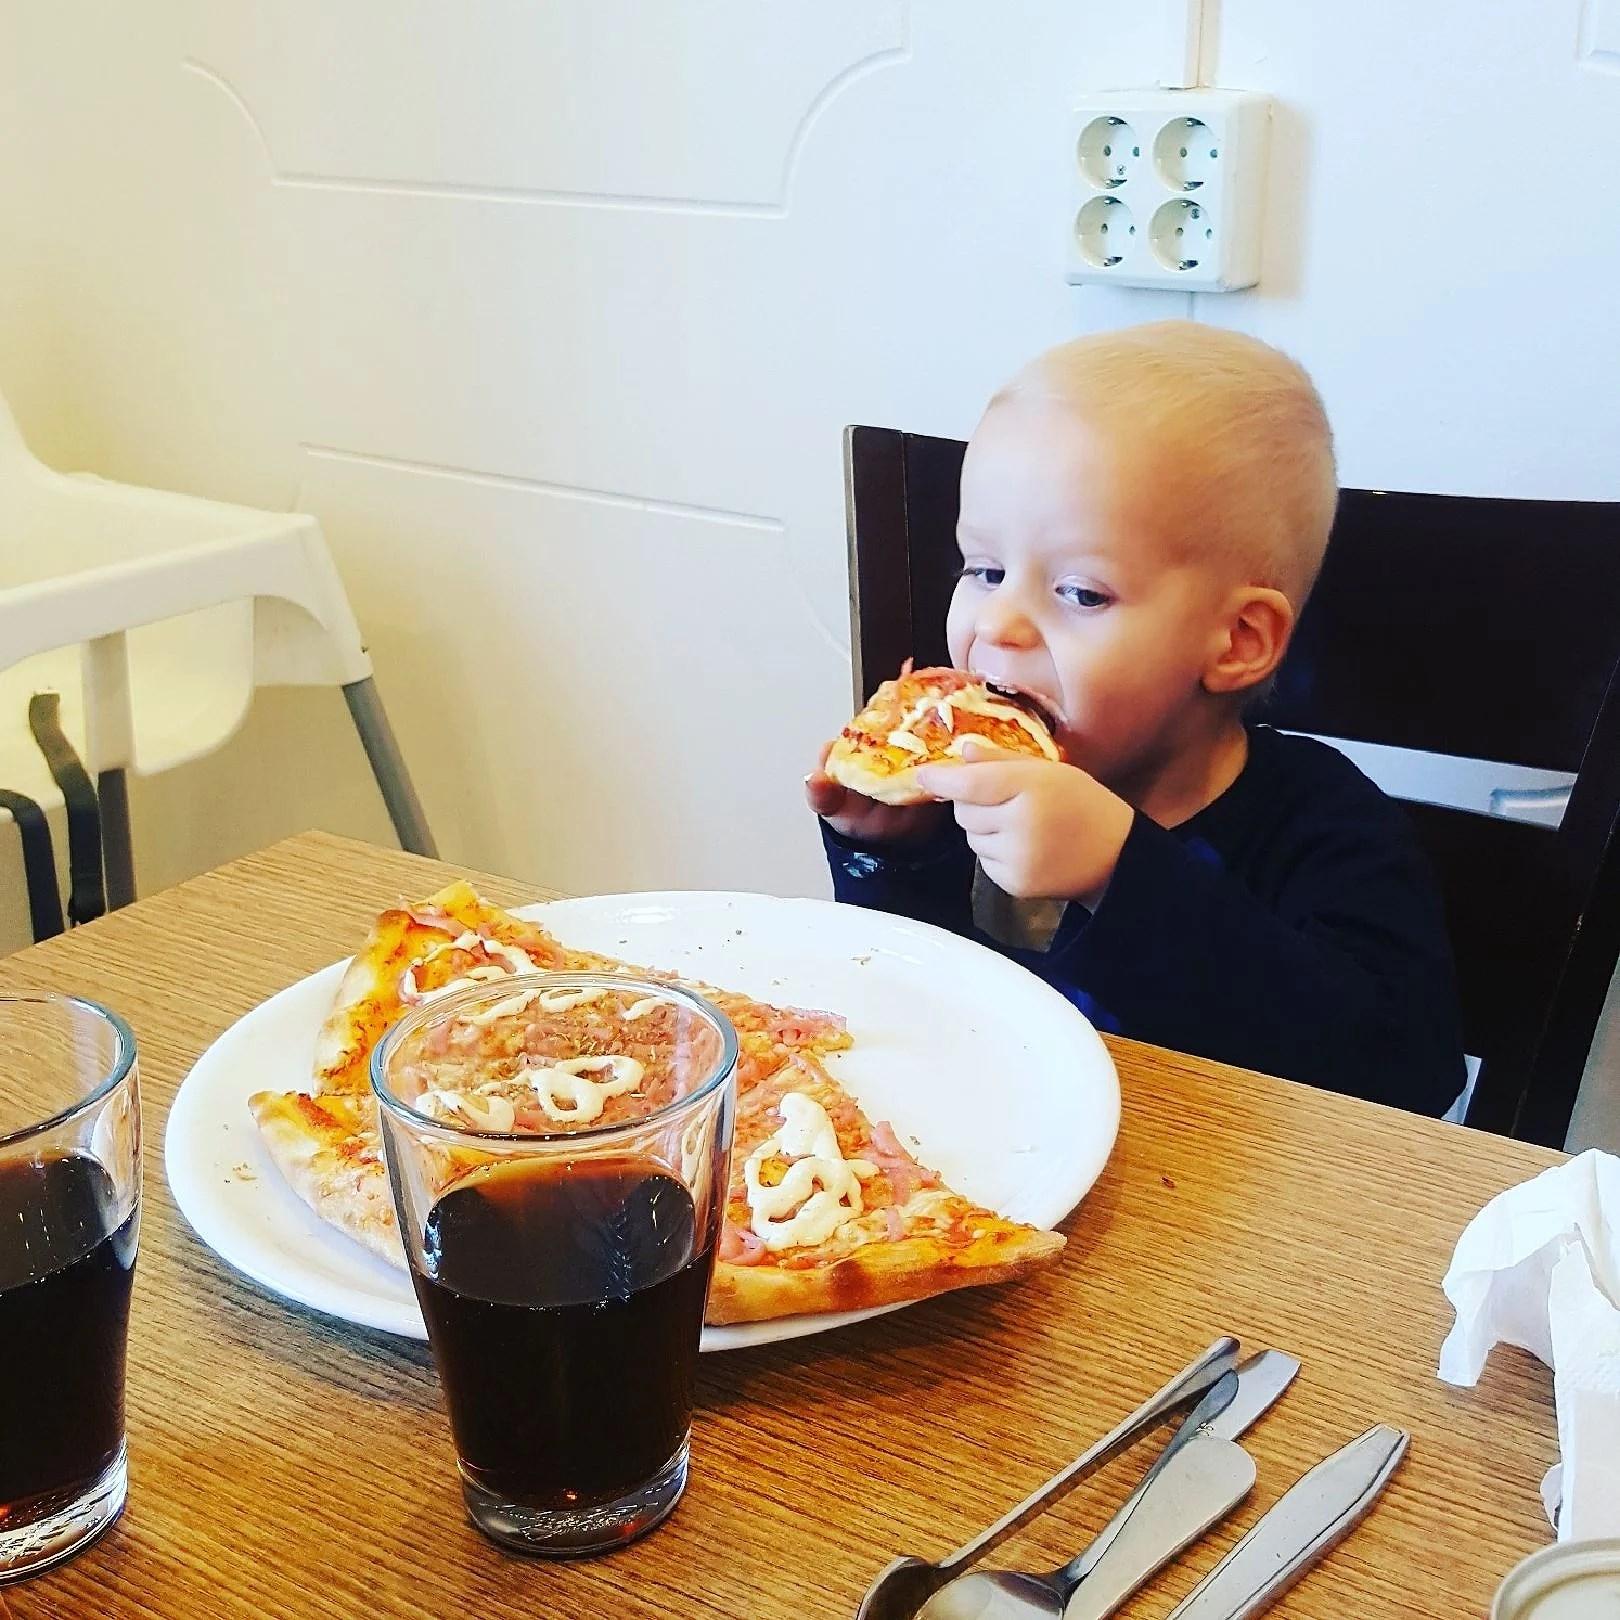 Ätit ute